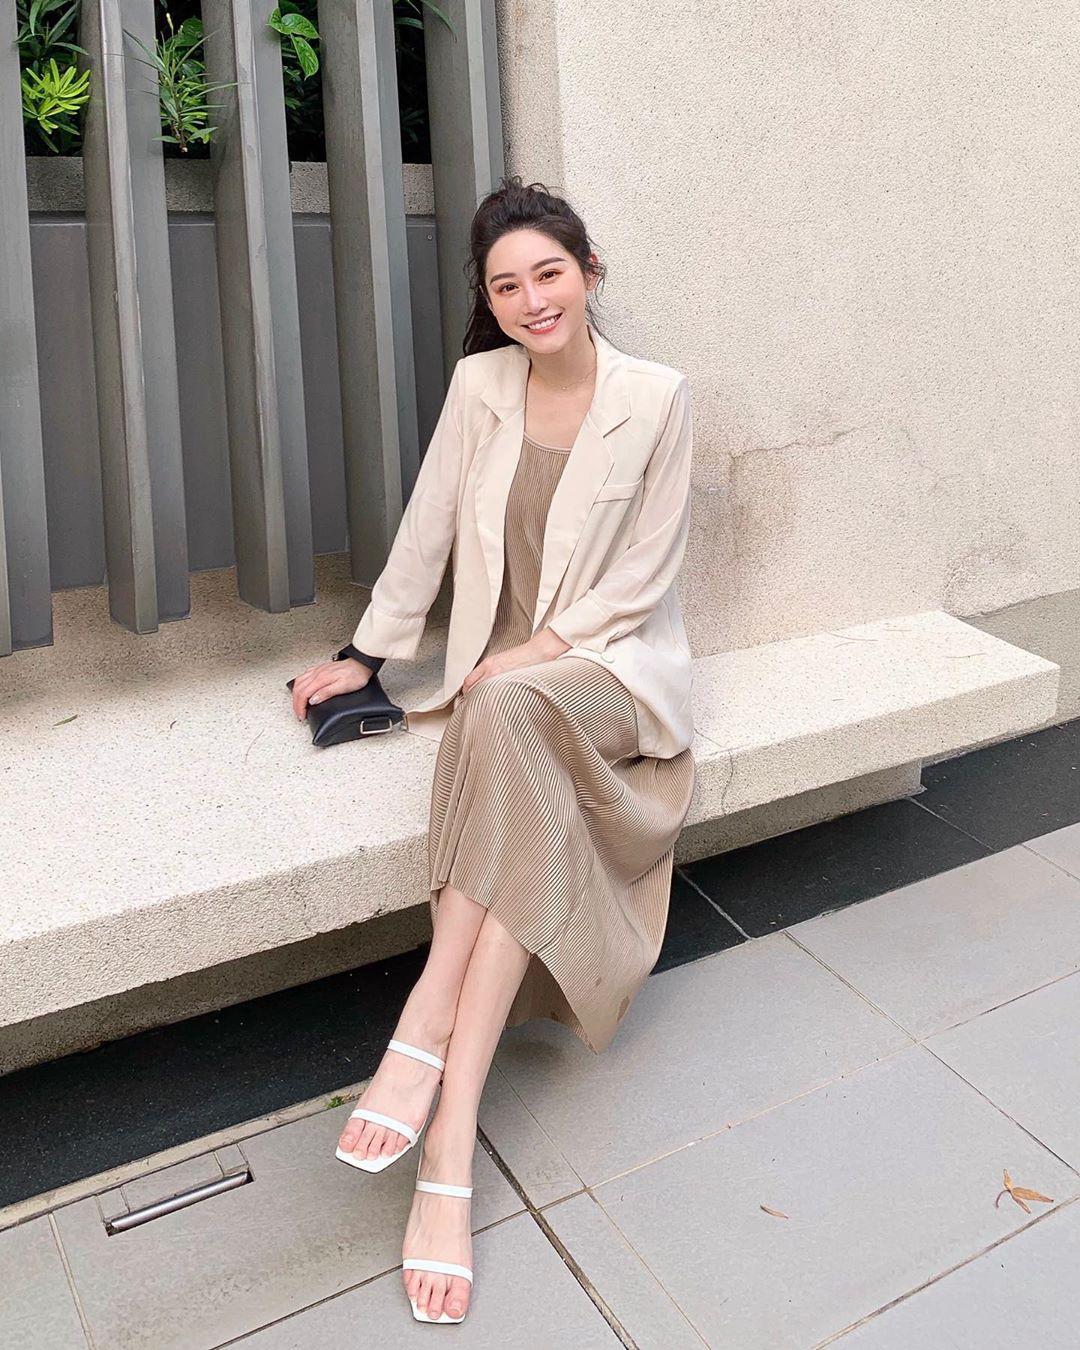 Street style Châu Á: Chẳng cầu kỳ, chỉ với vài ba món đồ công sở đơn giản mà vẫn mãn nhãn người nhìn - Ảnh 5